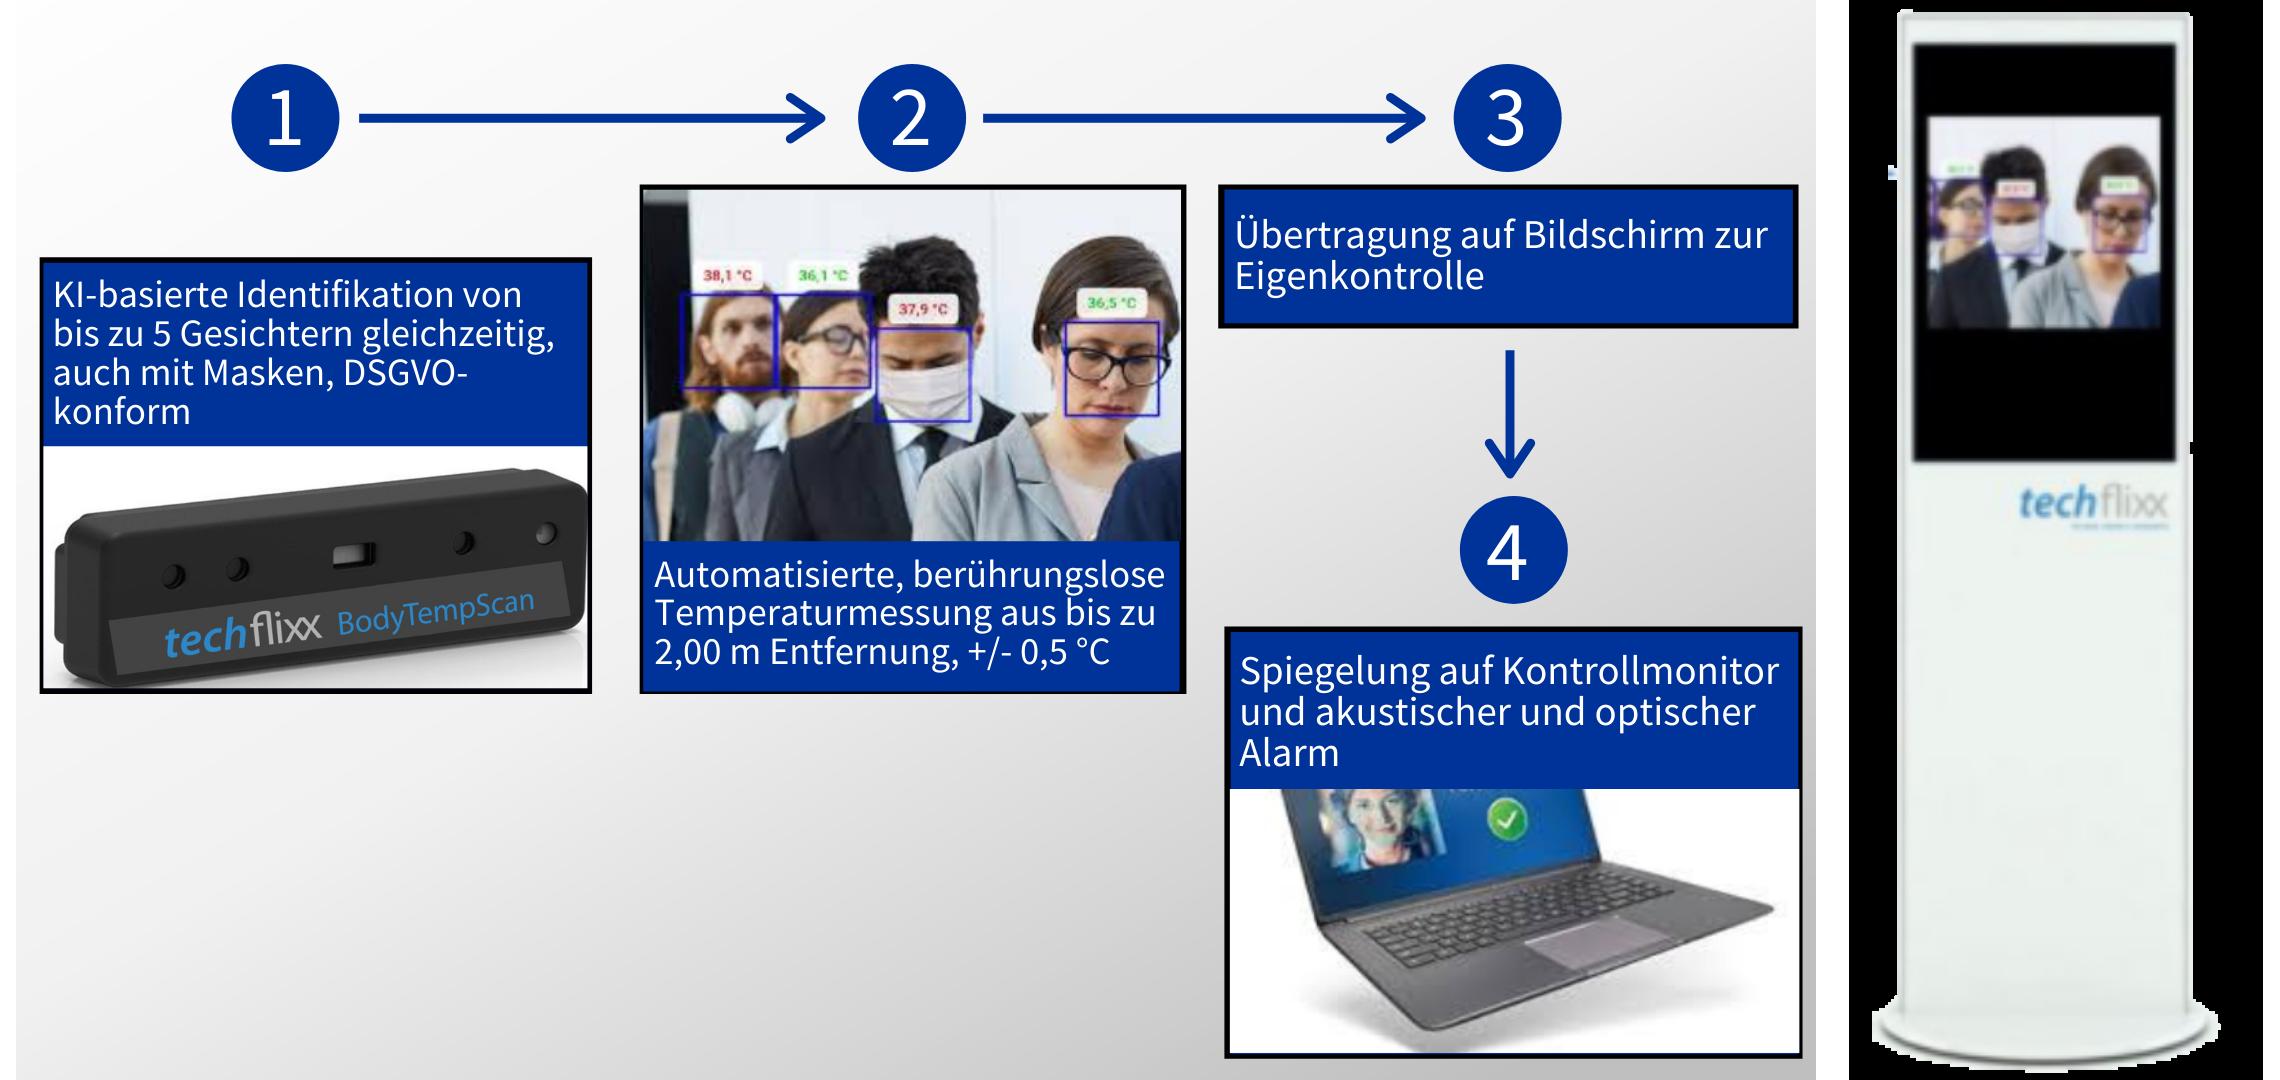 techflixx BodyTempScan Funktionsweise in Grafiken erklärt